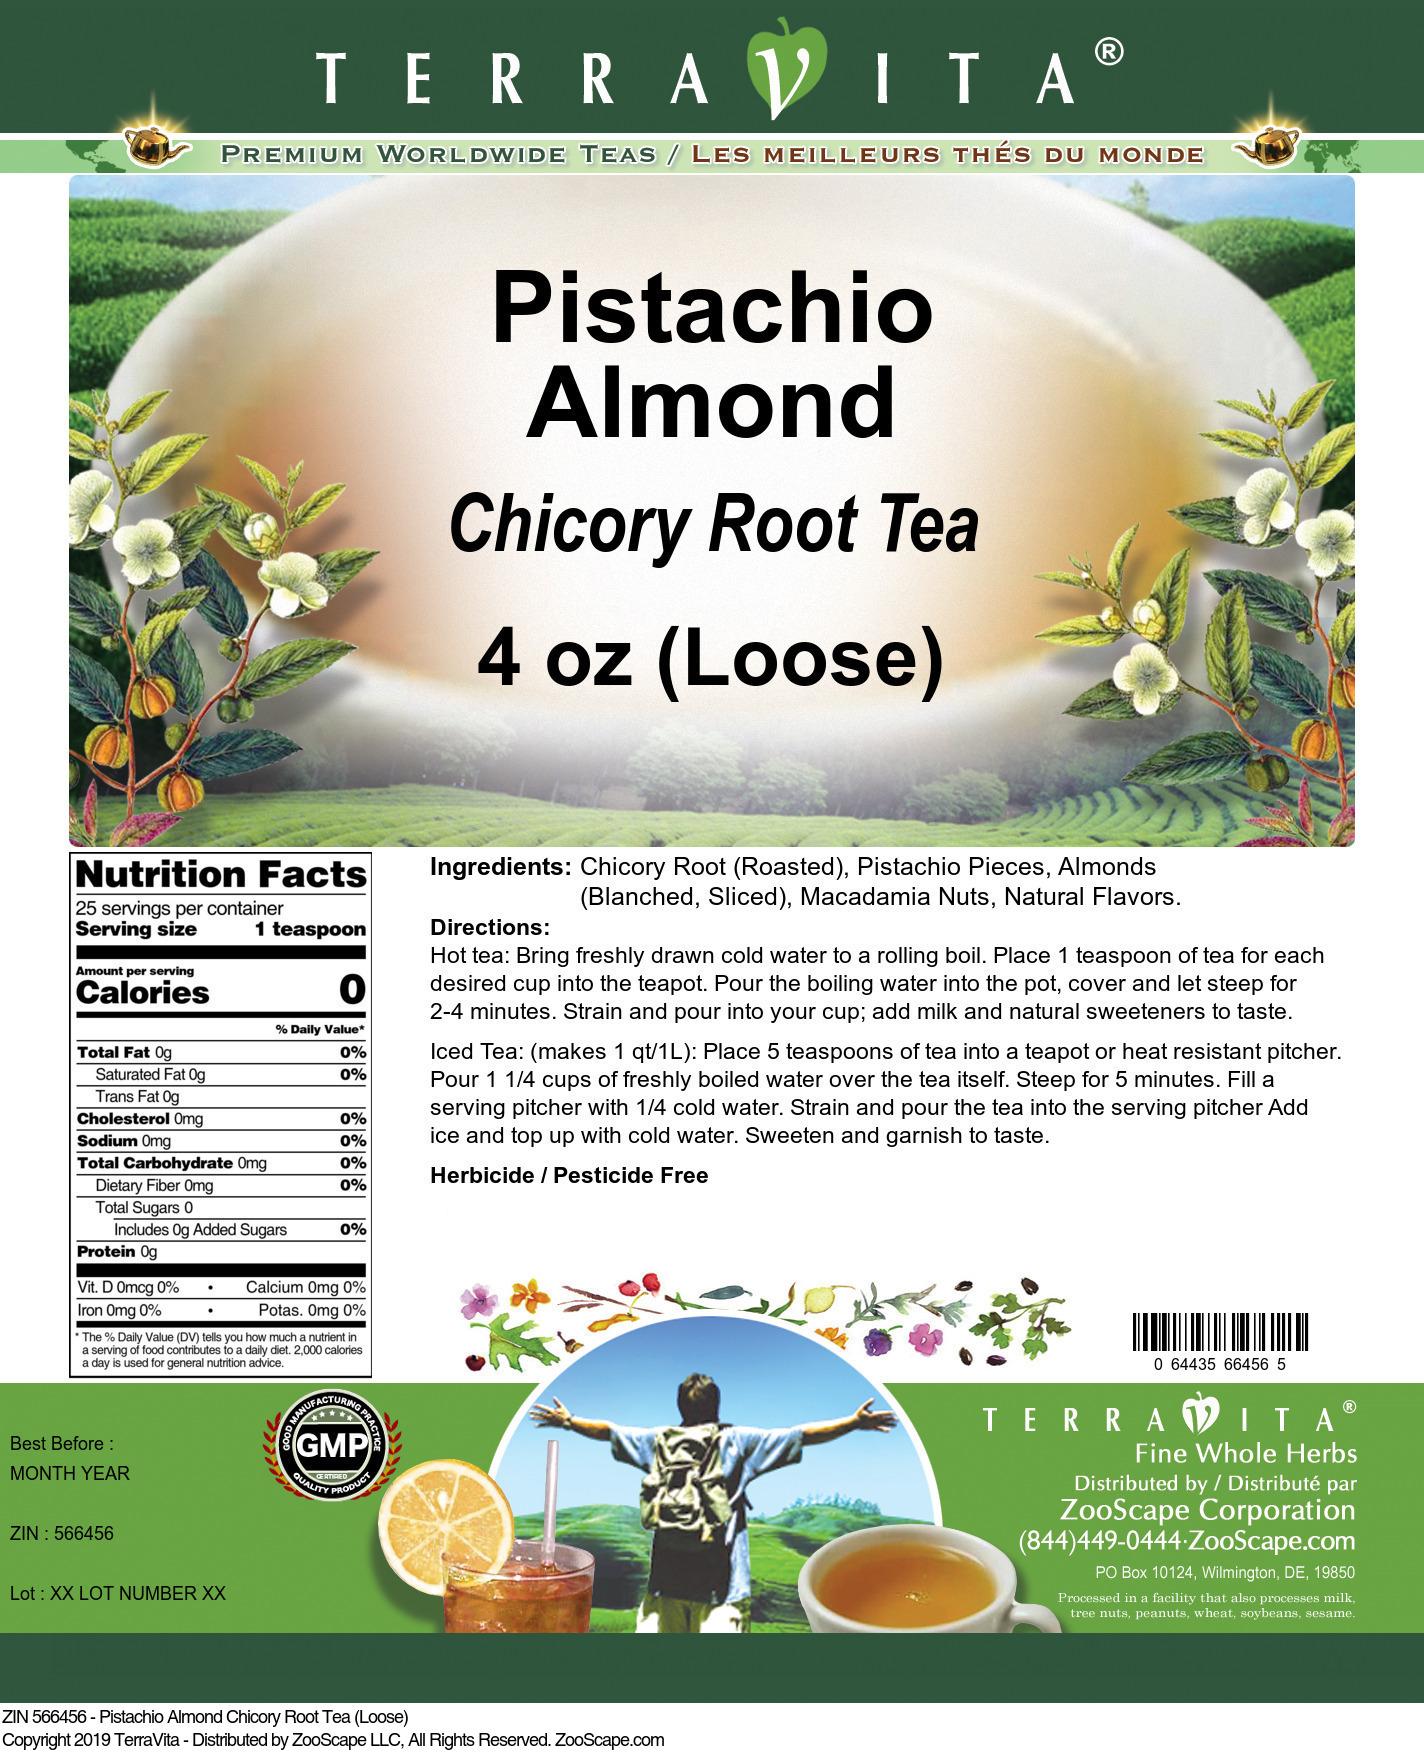 Pistachio Almond Chicory Root